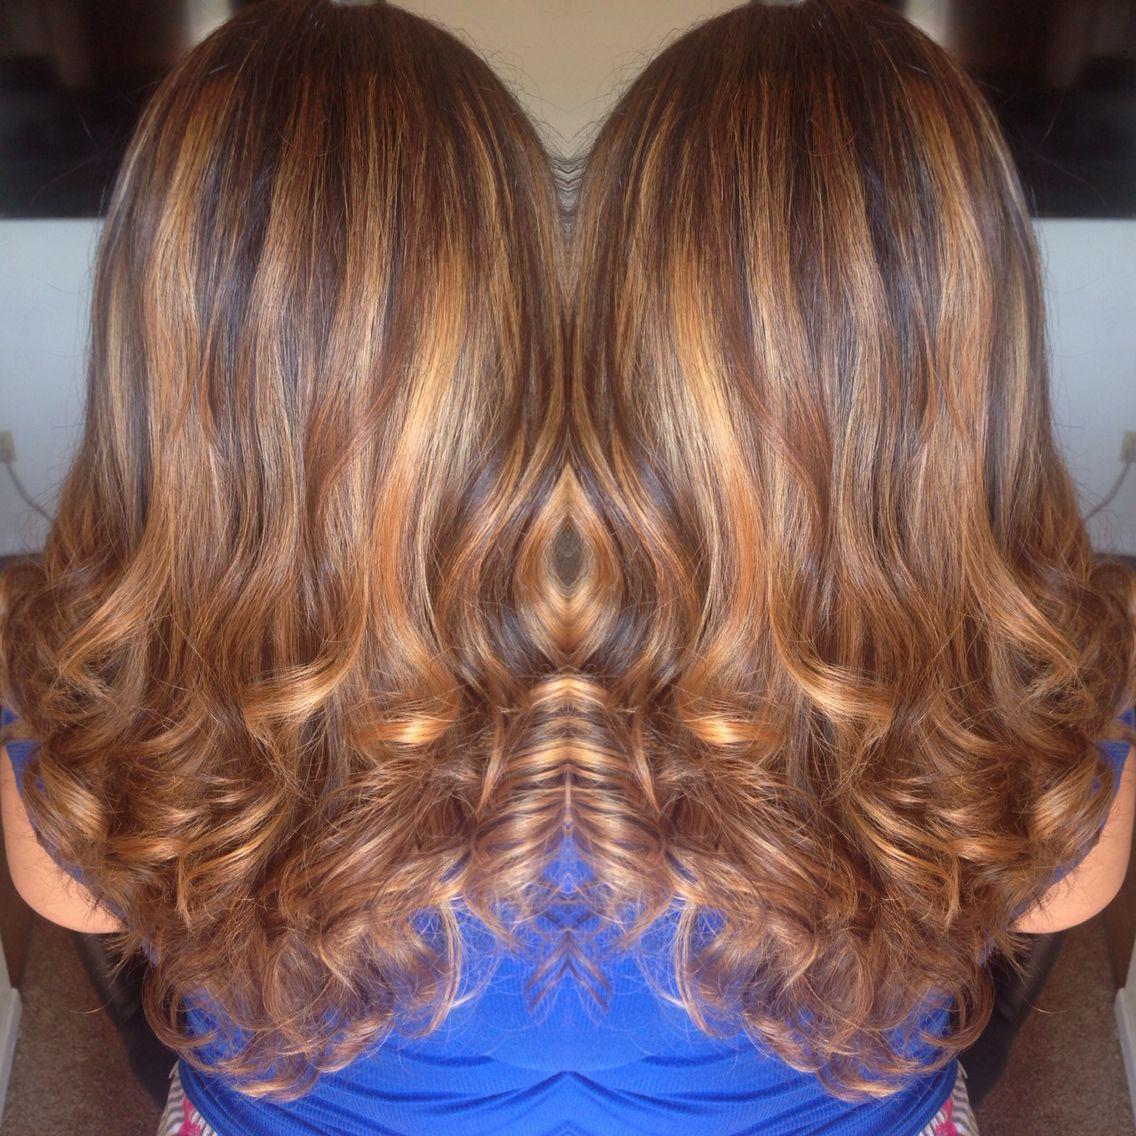 cardona's hair styles   rayos en cabello negró .   pinterest